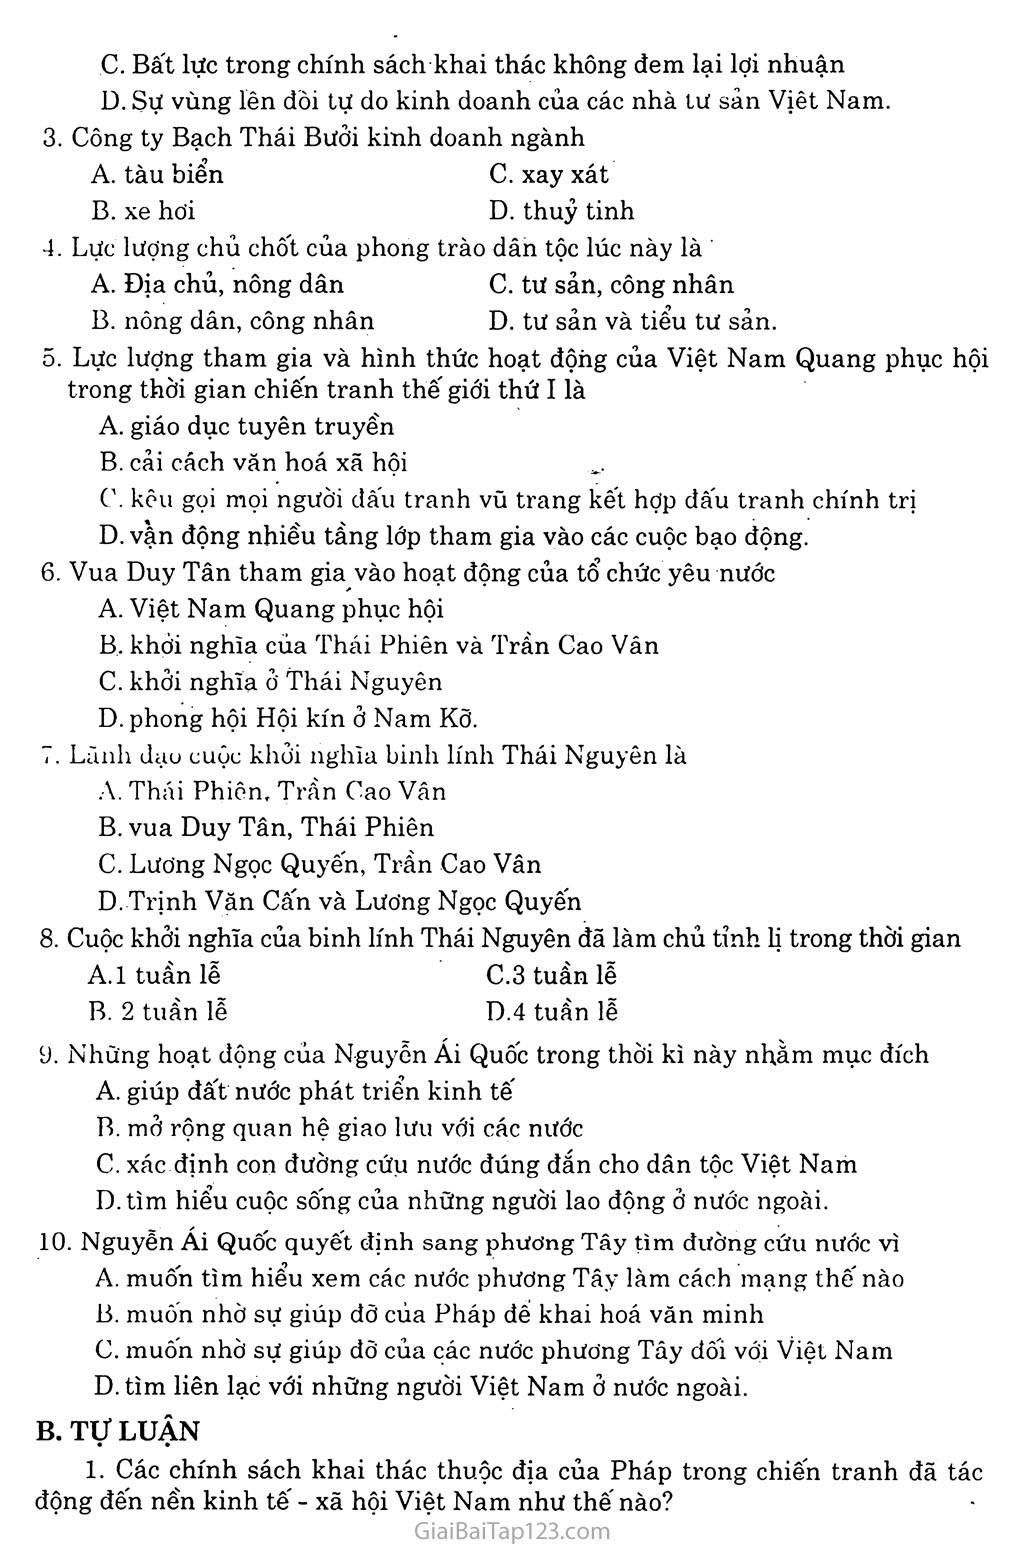 Bài 24: Việt Nam trong những năm chiến tranh thế giới thứ nhất (1914 - 1918) trang 4